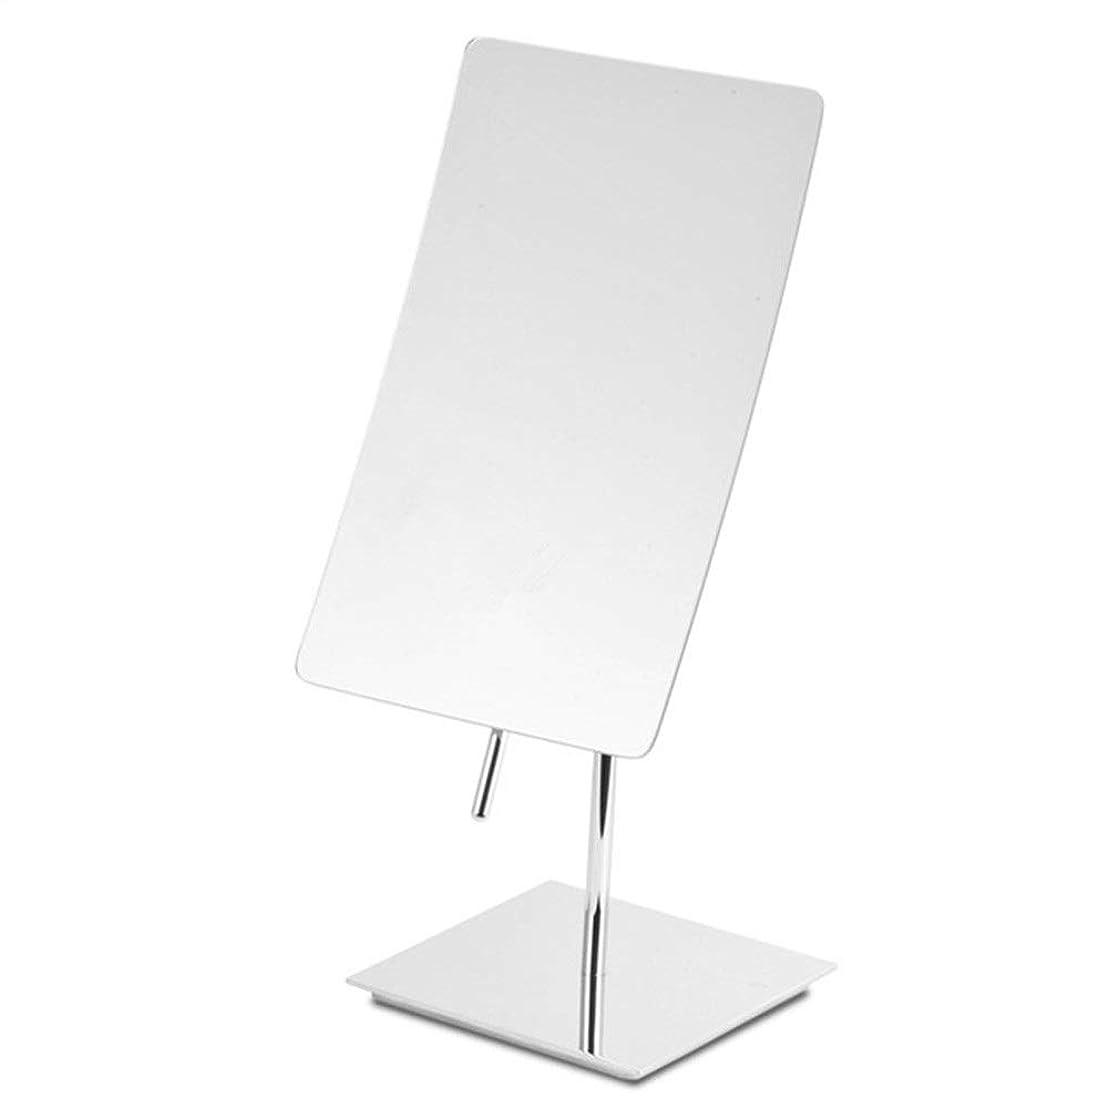 ジレンマ問い合わせ植物学化粧鏡 ブラケット化粧鏡を備えて360度回転ミラーの3倍拡大鏡両面化粧鏡ベストギフト(銀)を得ました 家庭用洗面化粧台 (色 : 銀, サイズ : 5.5in)